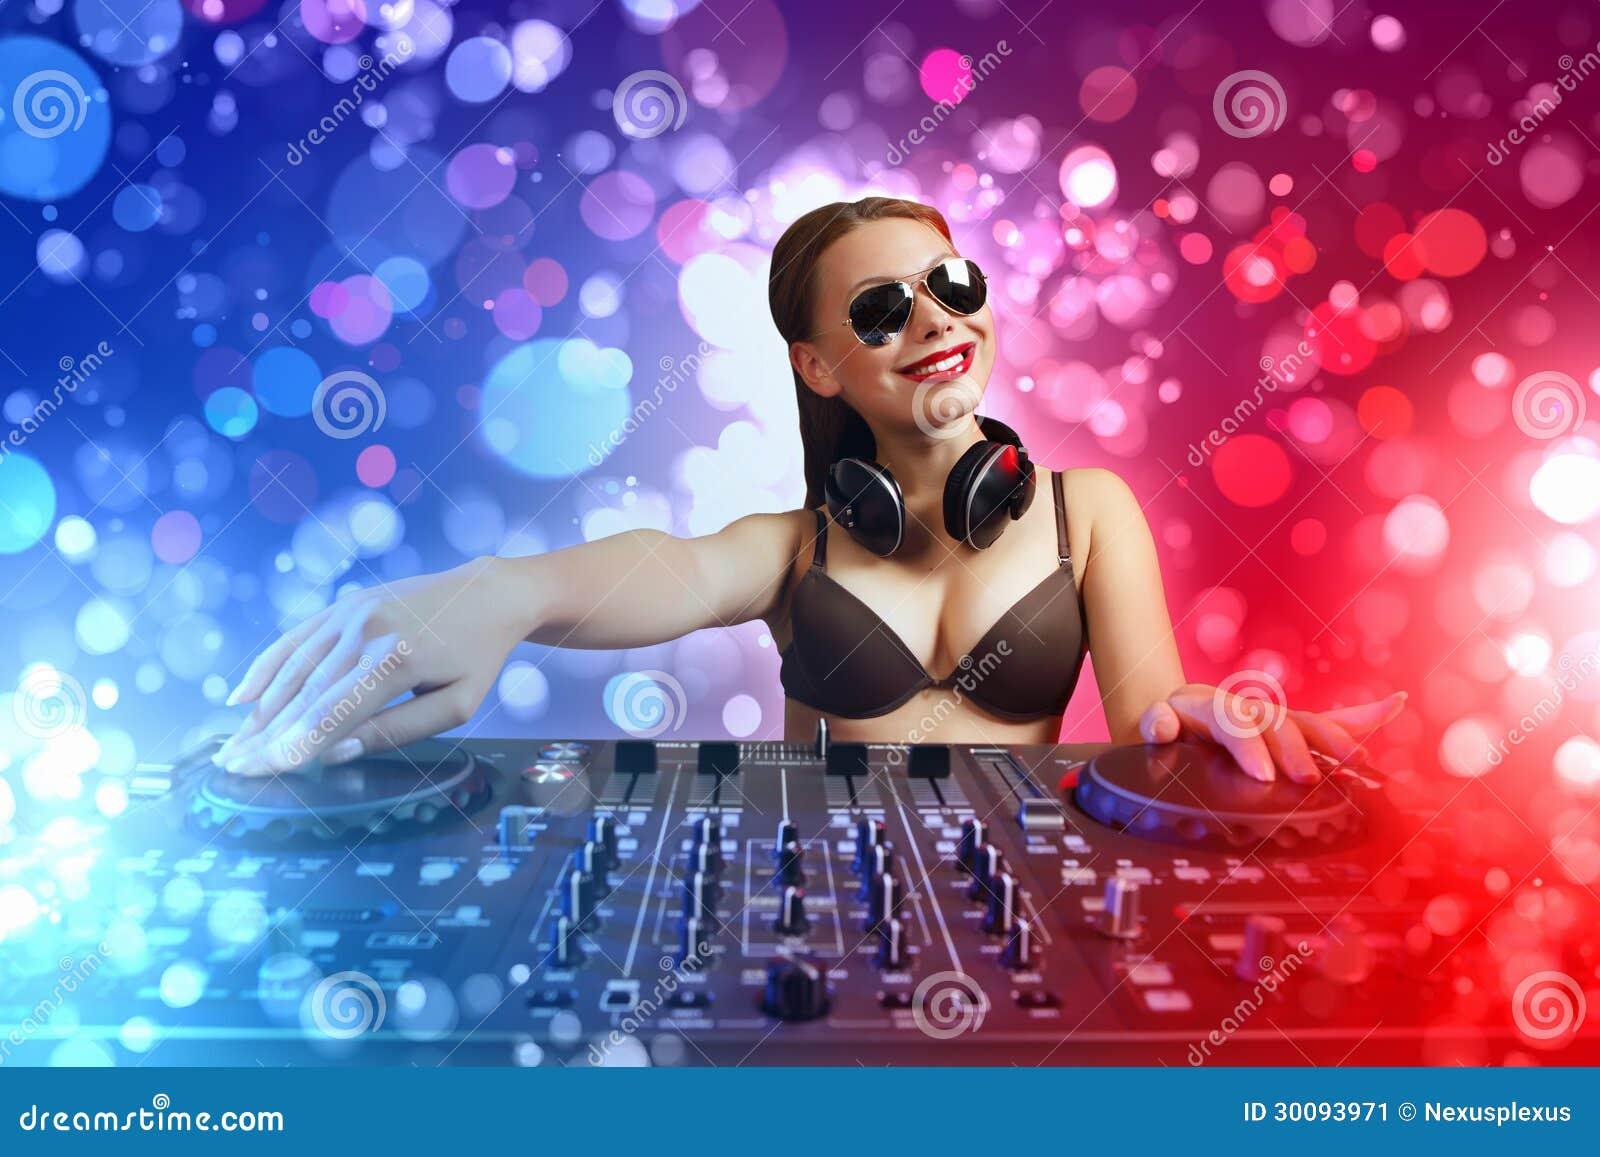 DJ e misturador